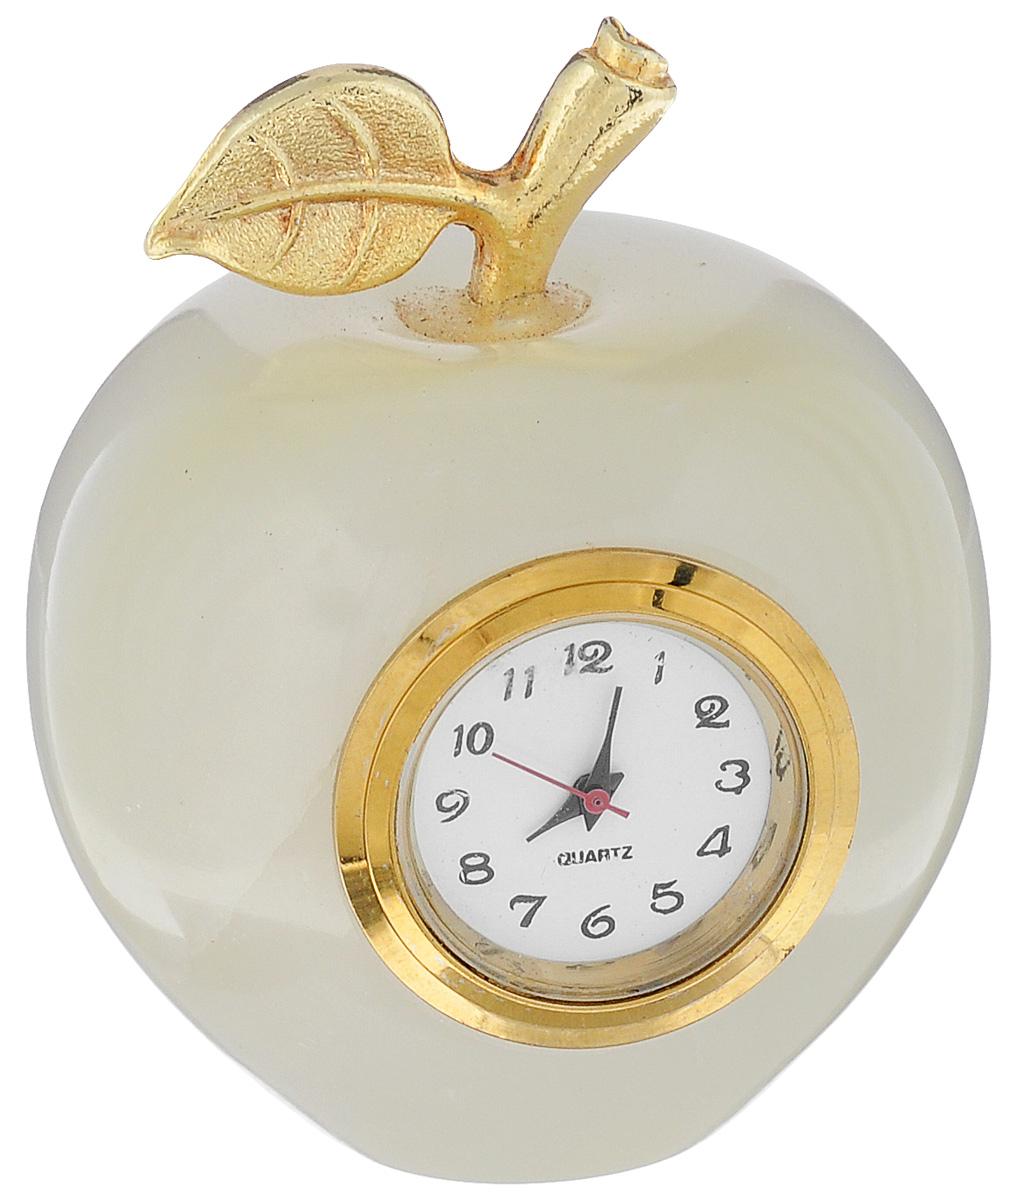 Часы Sima-land Яблоко. 241333BL505Часы Sima-land Яблоко прекрасно дополнят интерьер вашей комнаты. Корпус выполнен из натурального оникса. Циферблат круглой формы, оформленный арабскими цифрами, защищен стеклом. Благодаря устойчивой поверхности часы можно поставить в любое удобное для вас место. Часы работают от батарейки (входит в комплект).Диаметр циферблата: 2 см. УВАЖАЕМЫЕ КЛИЕНТЫ!Обращаем ваше внимание на тот факт, что цветовой оттенок товара может отличатся от представленного на изображении, поскольку корпус часов выполнен из натурального камня. Учитывайте это при оформлении заказа.